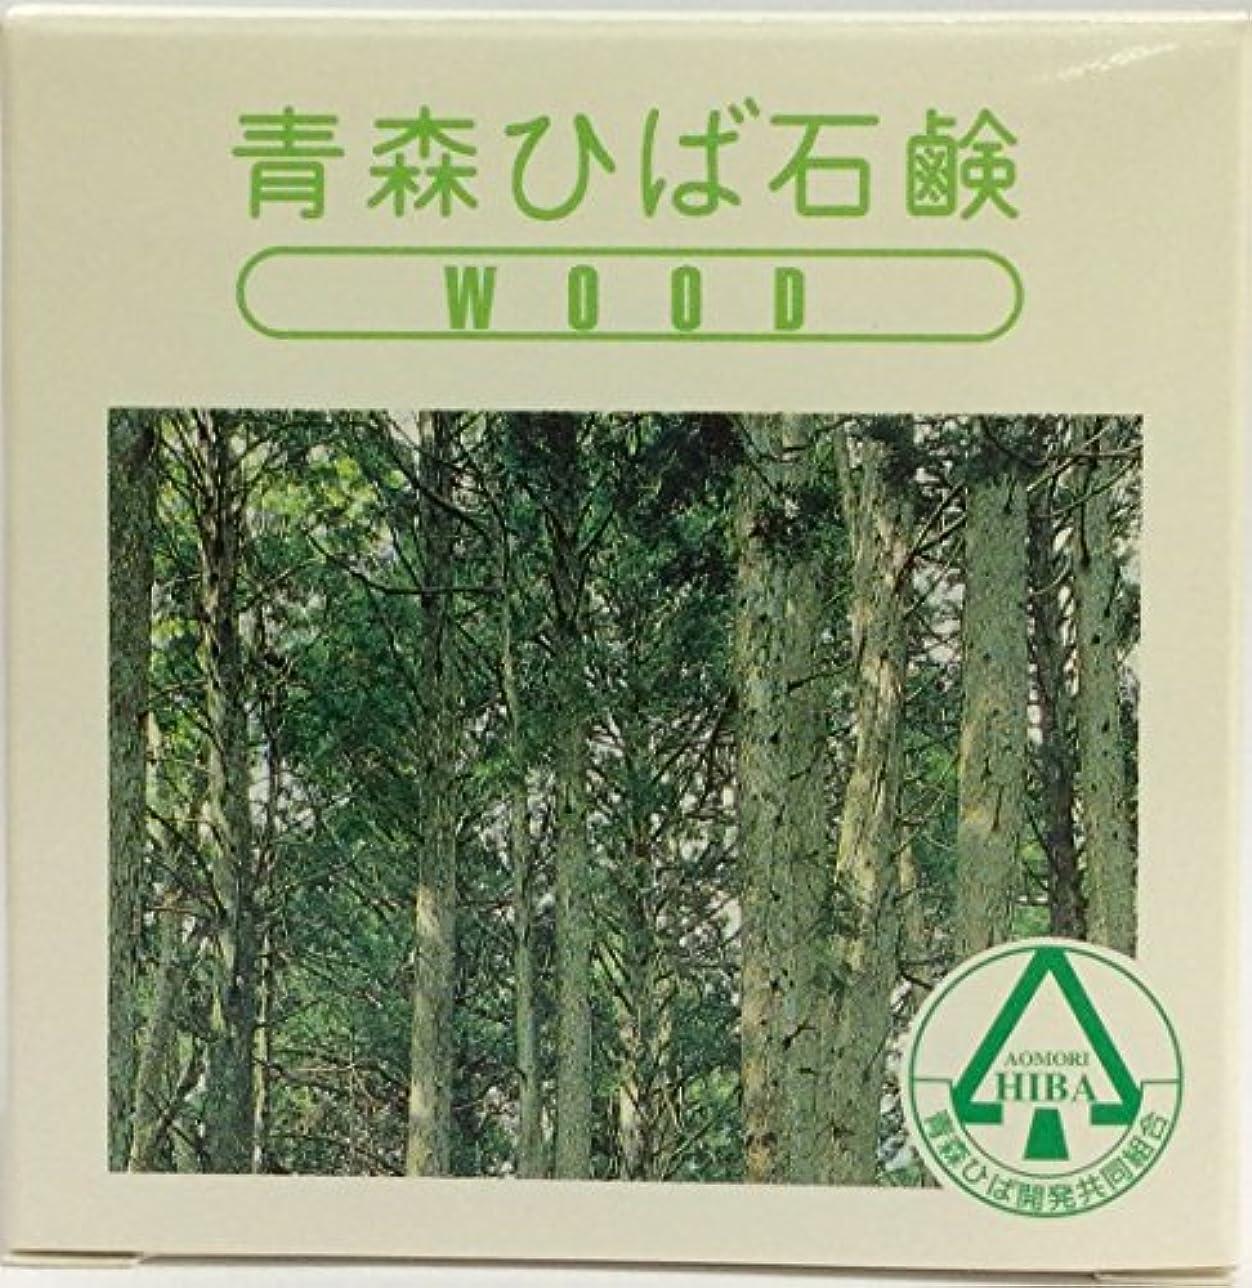 セールスマンラウンジ先例青森ひば石鹸 WOOD 95g クラウンウッド(Y)